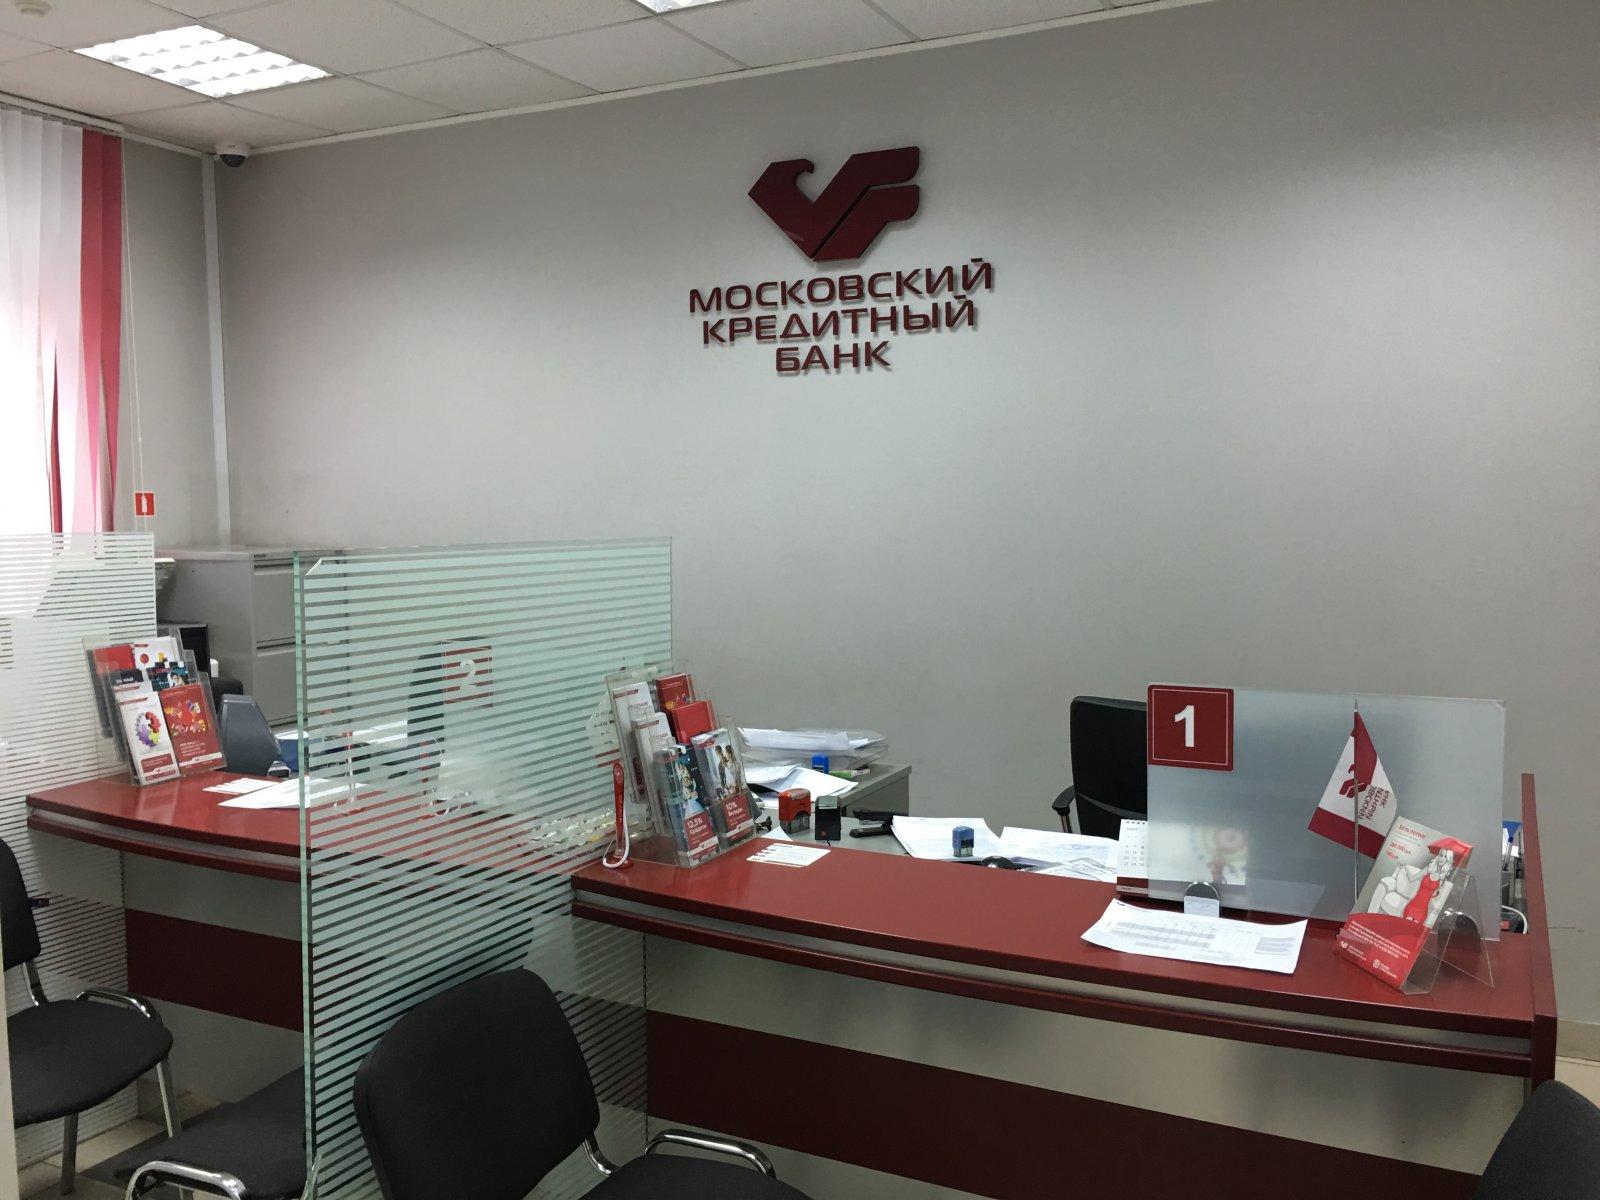 московской кредитный банк